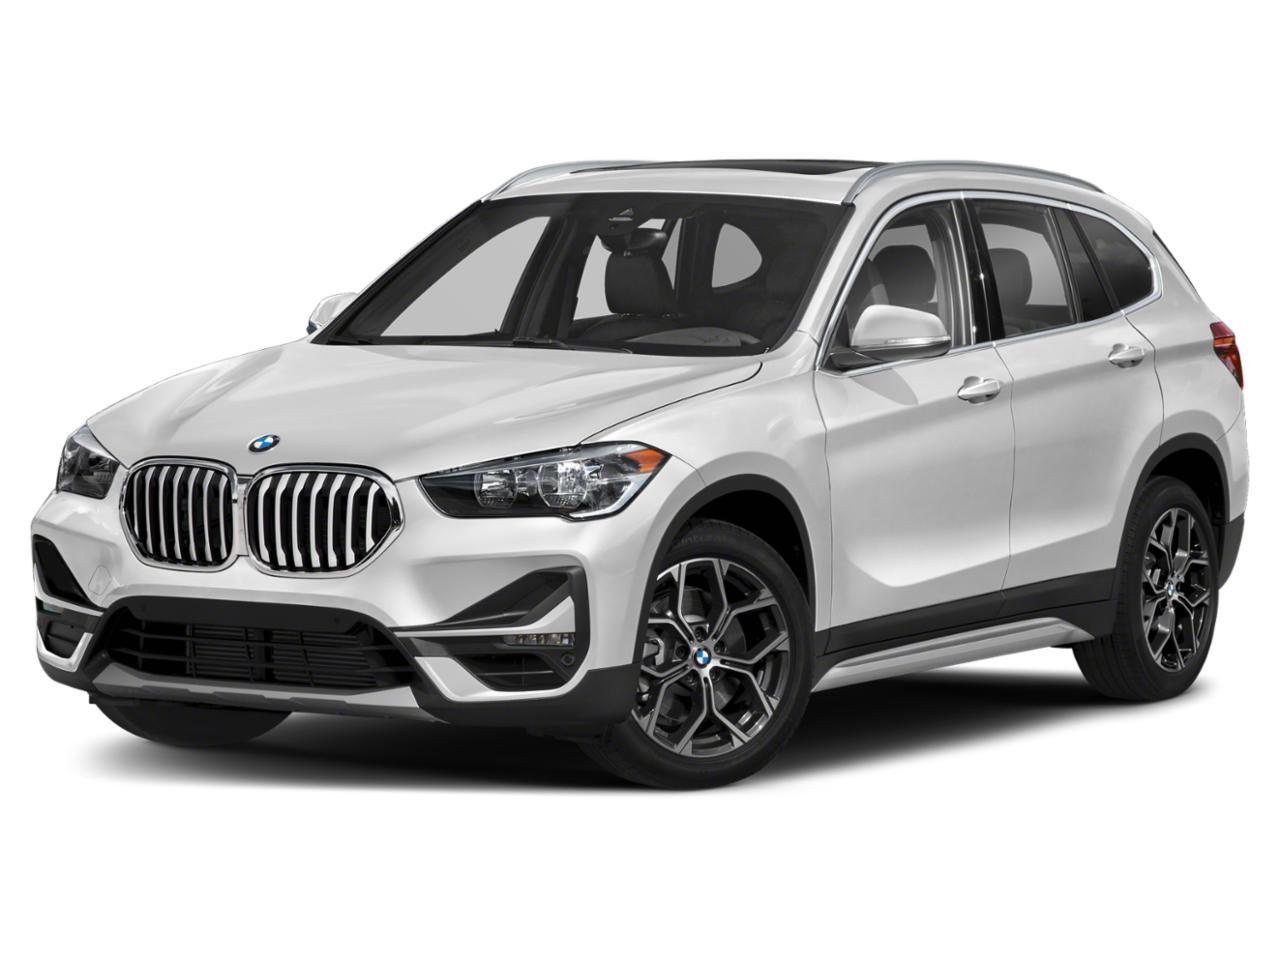 2021 BMW X1 xDrive28i Vehicle Photo in Grapevine, TX 76051